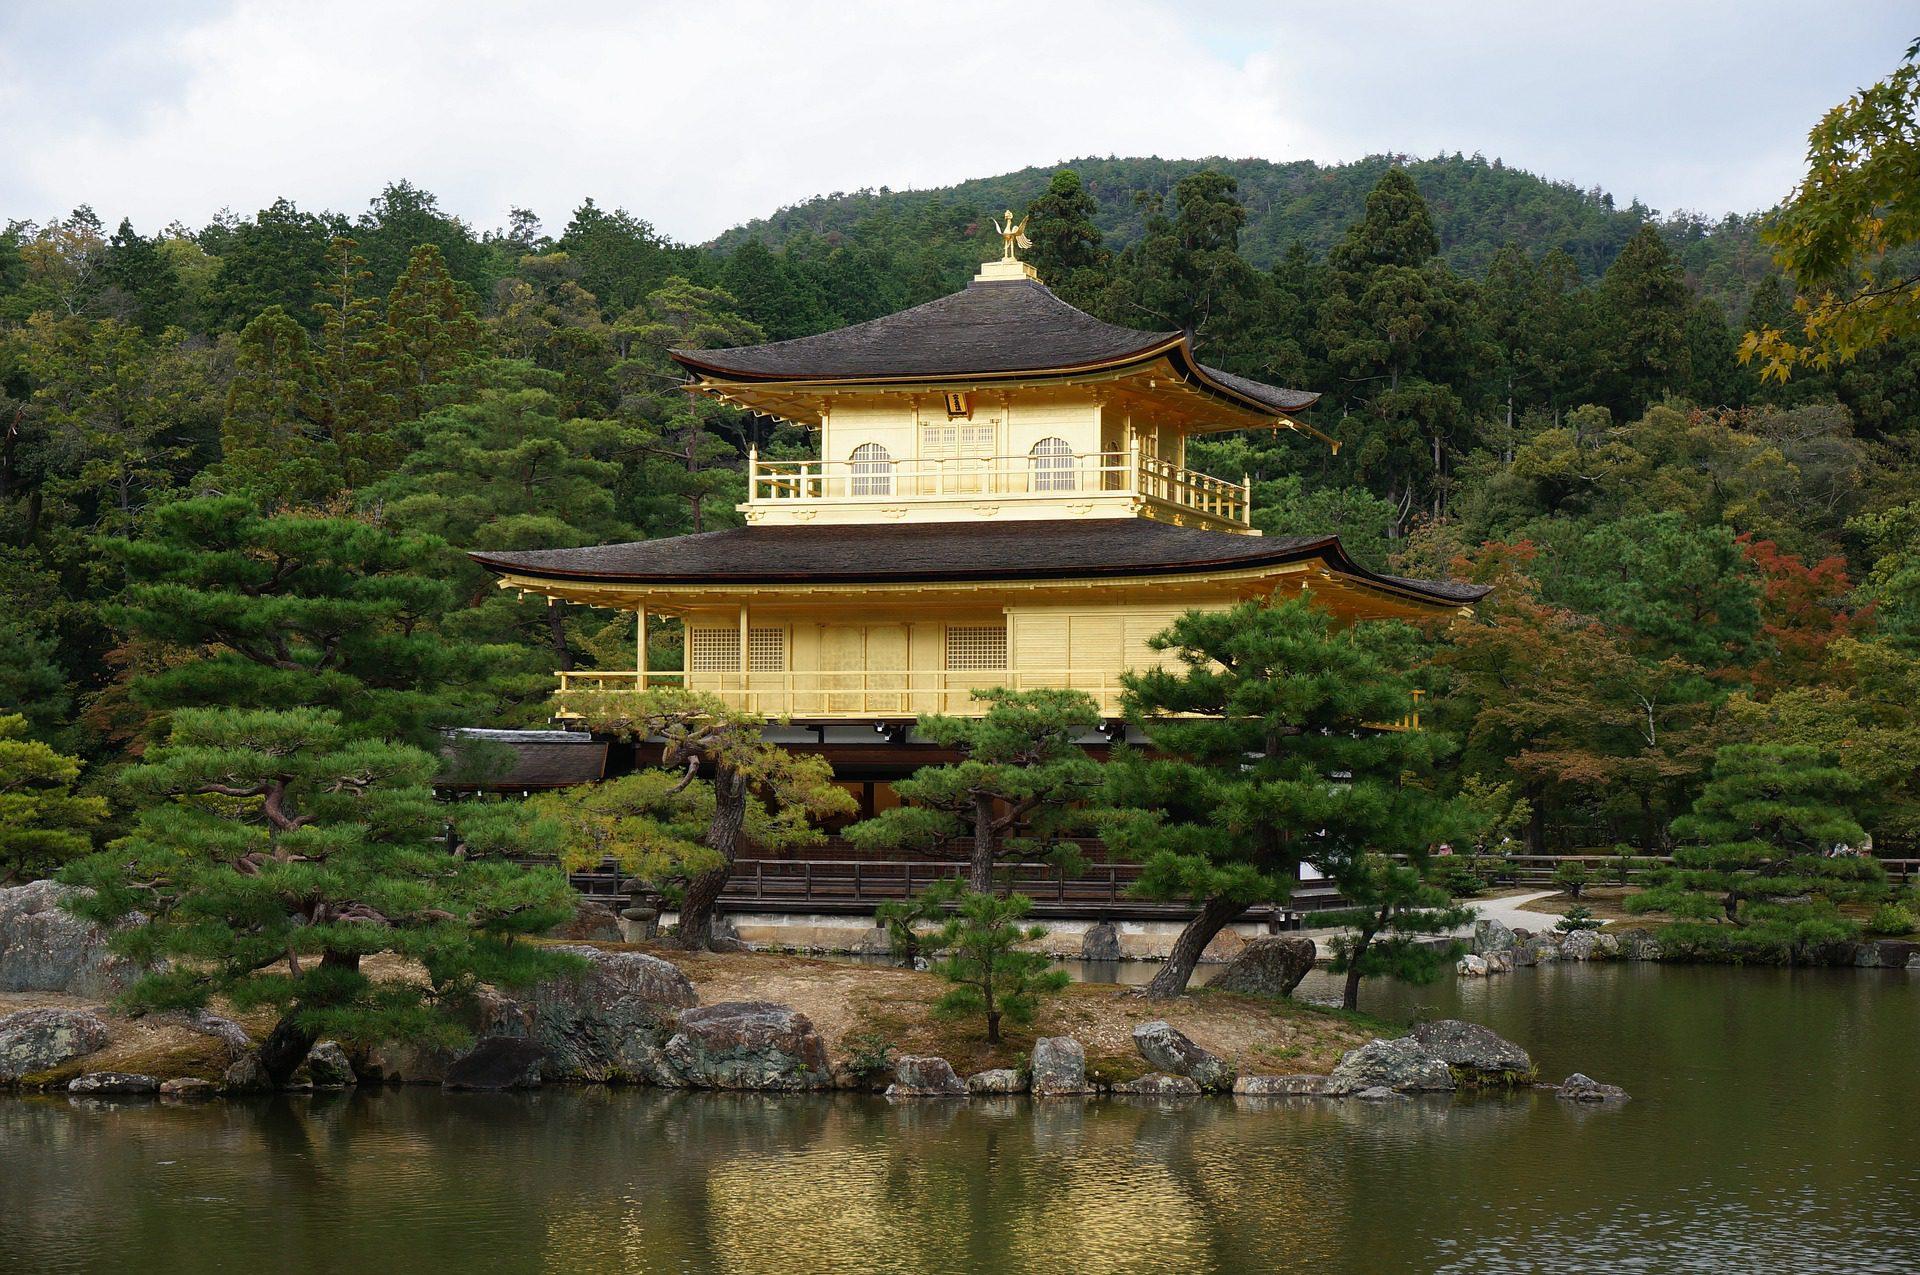 Das Kyoto-Protokoll wurde in der japanischen Stadt Kyoto beschlossen.